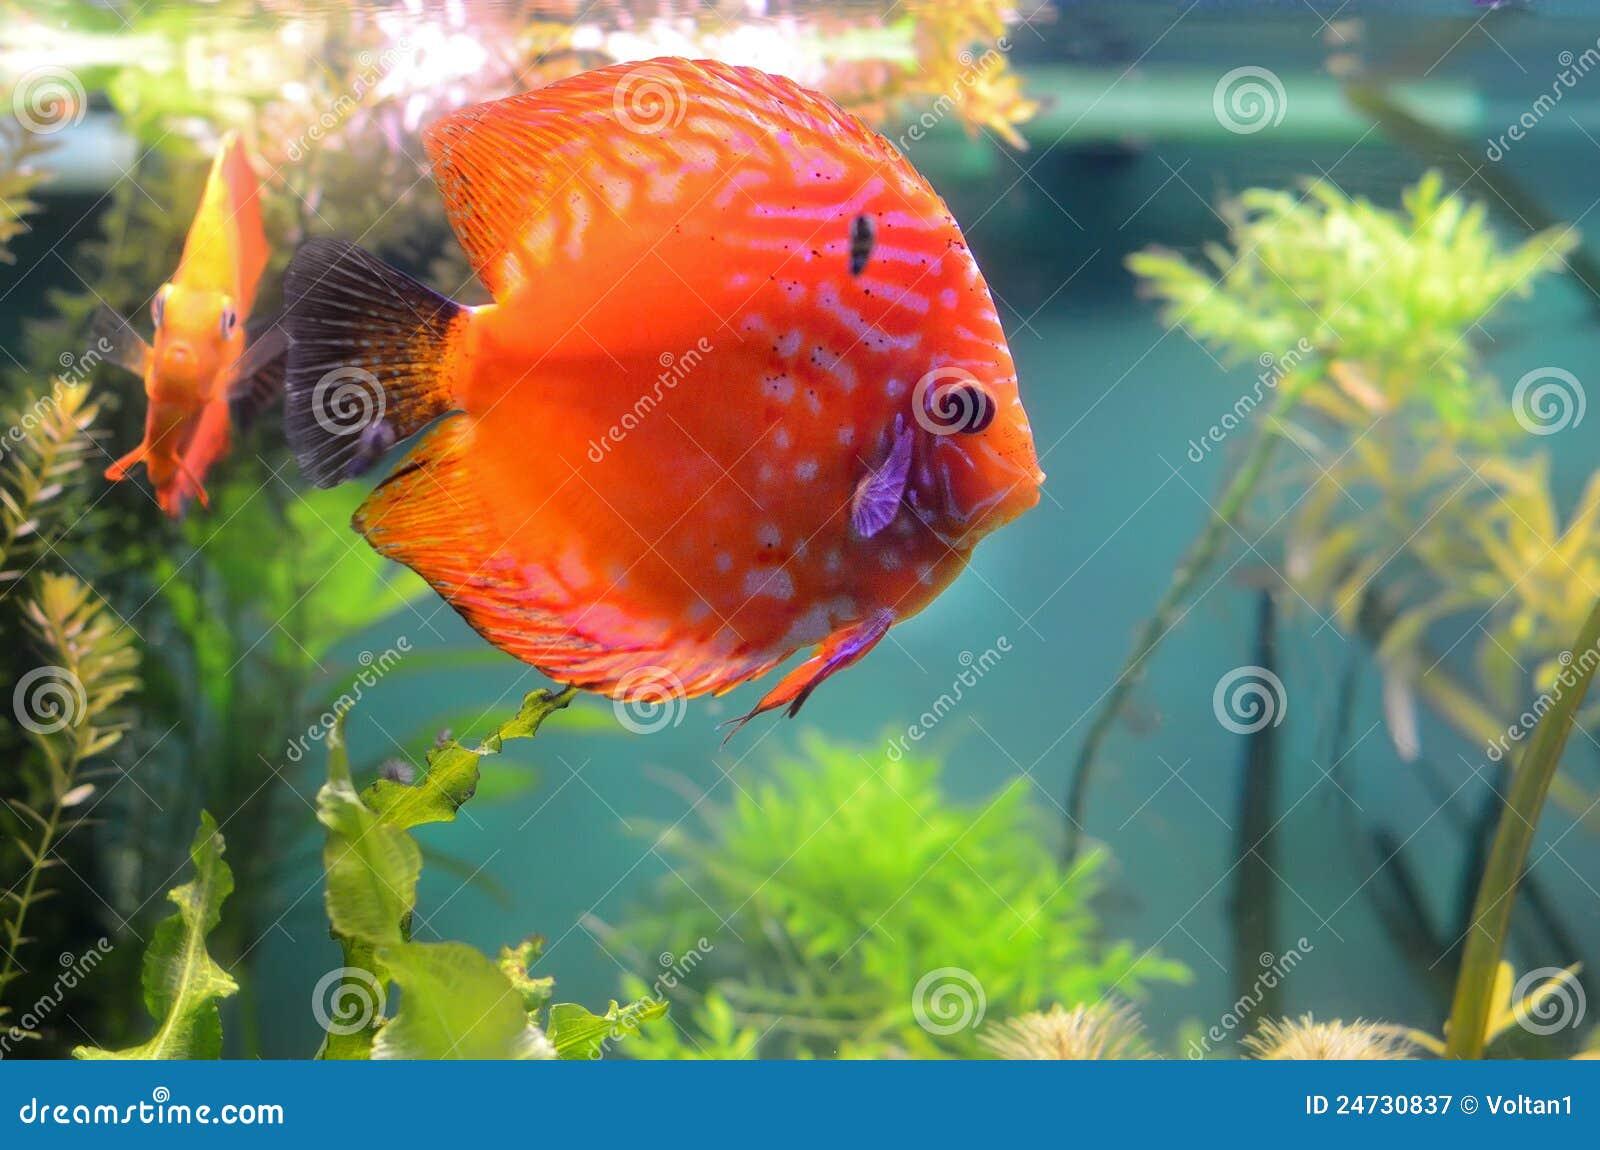 Discus Fish In The Aquarium Stock Image - Image of beautiful, orange ...